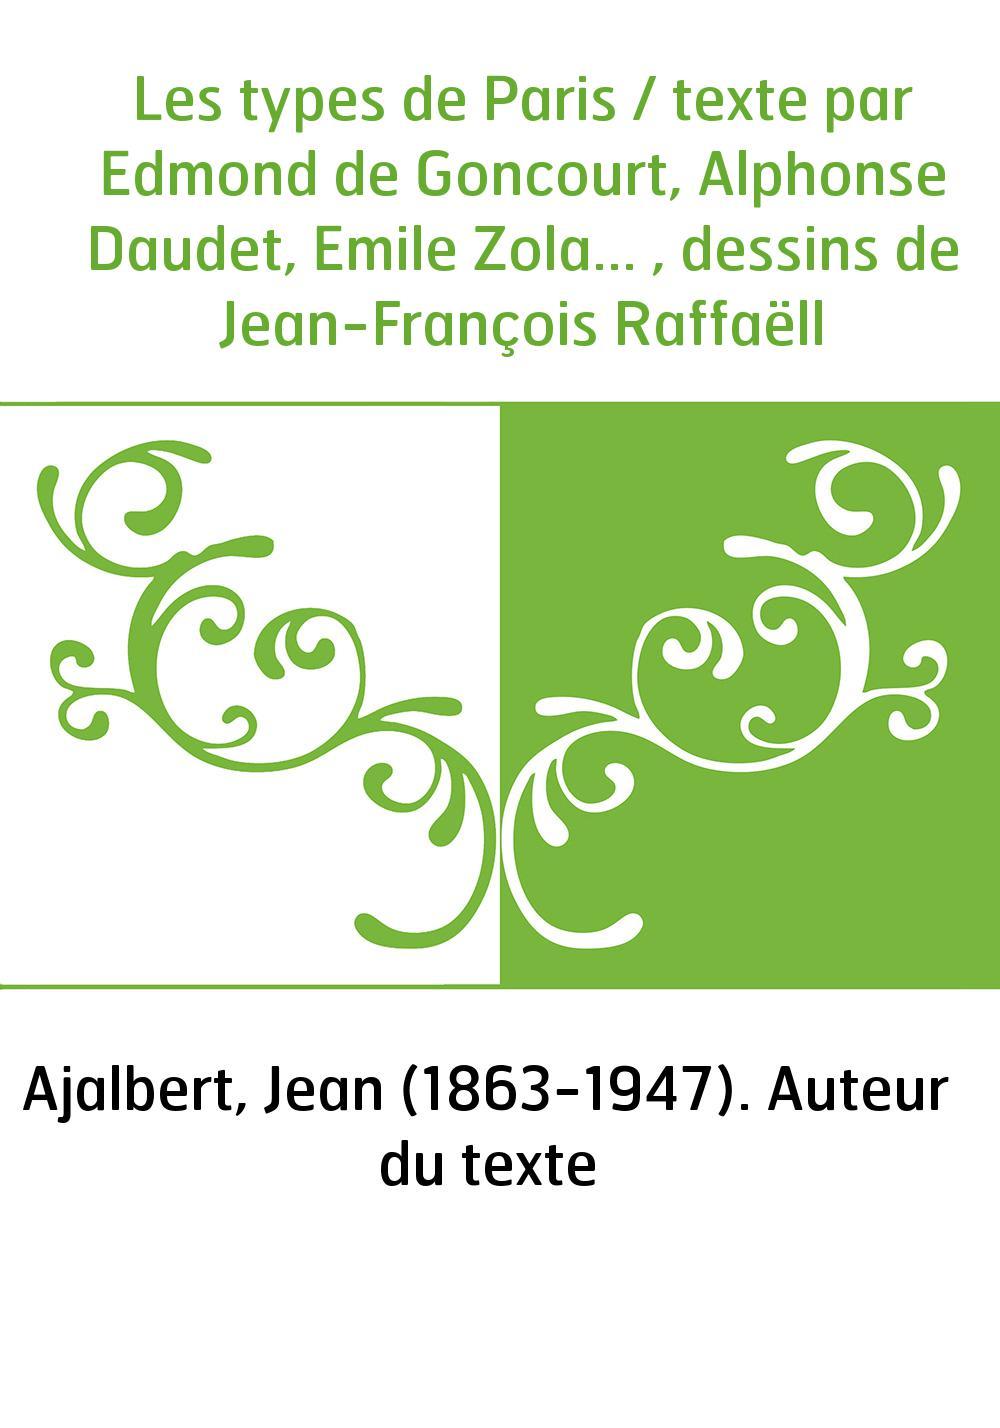 Les types de Paris / texte par Edmond de Goncourt, Alphonse Daudet, Emile Zola... , dessins de Jean-François Raffaëll